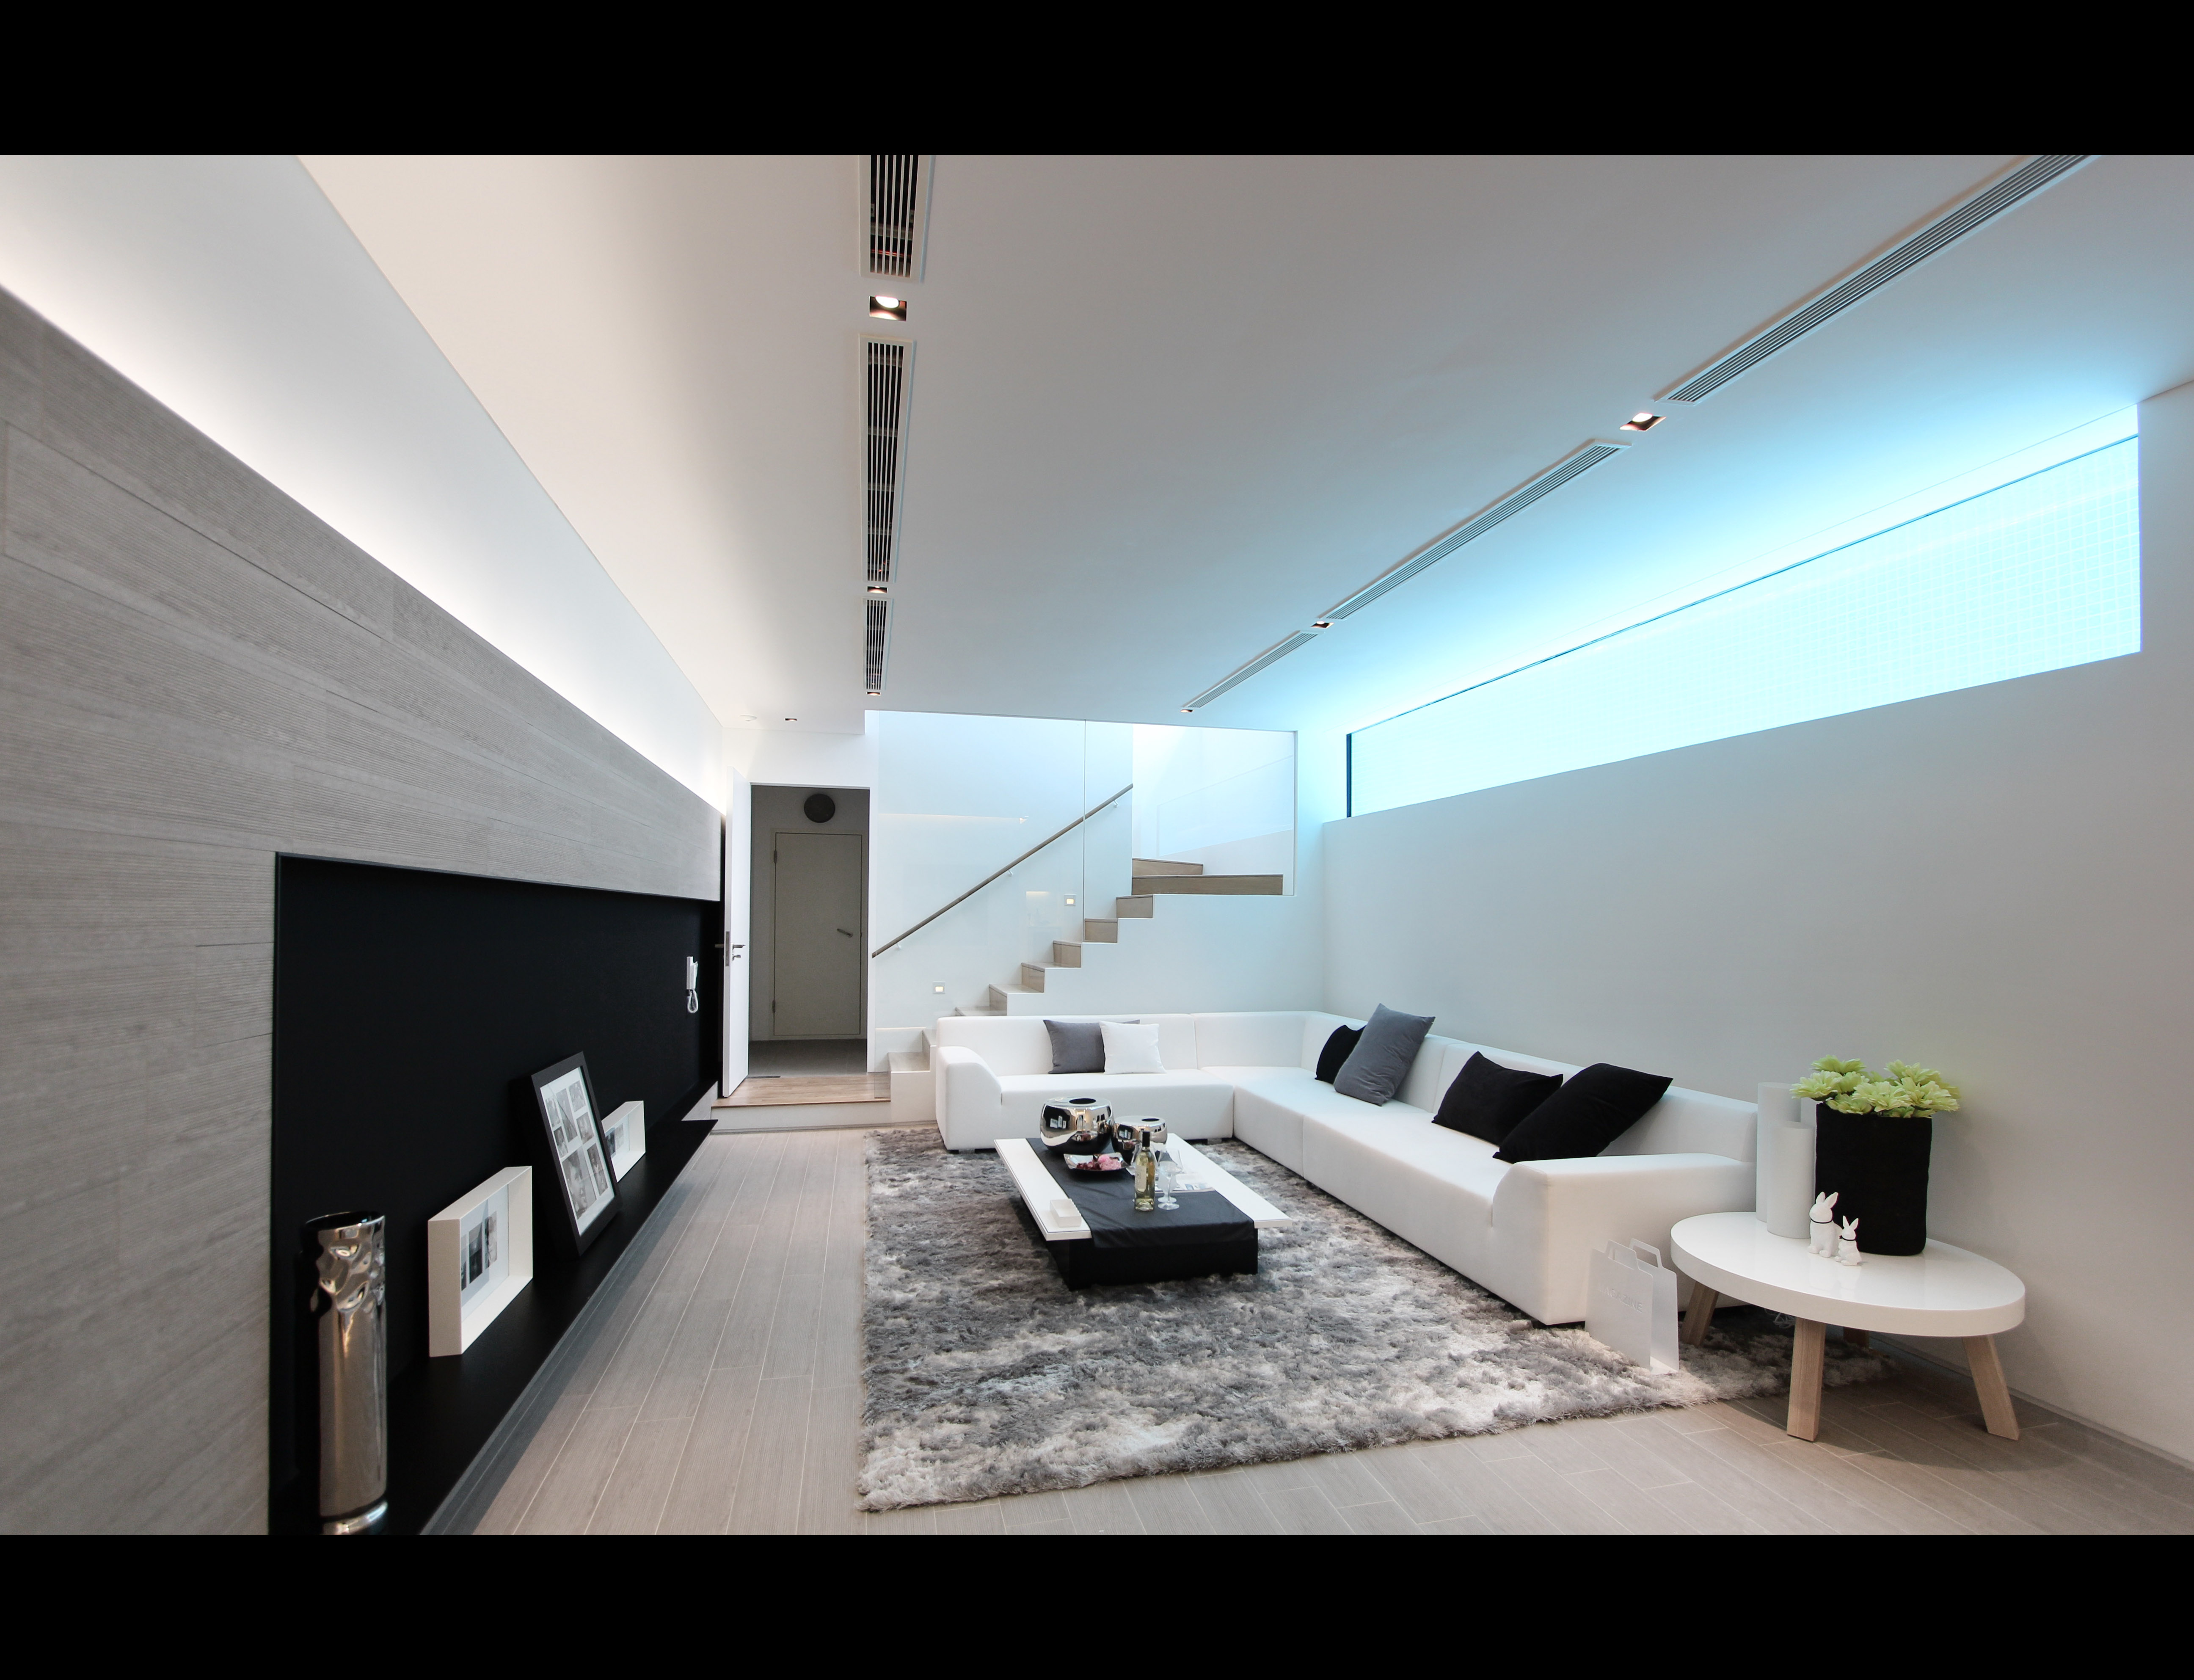 Plot 1 - Basement Living Room